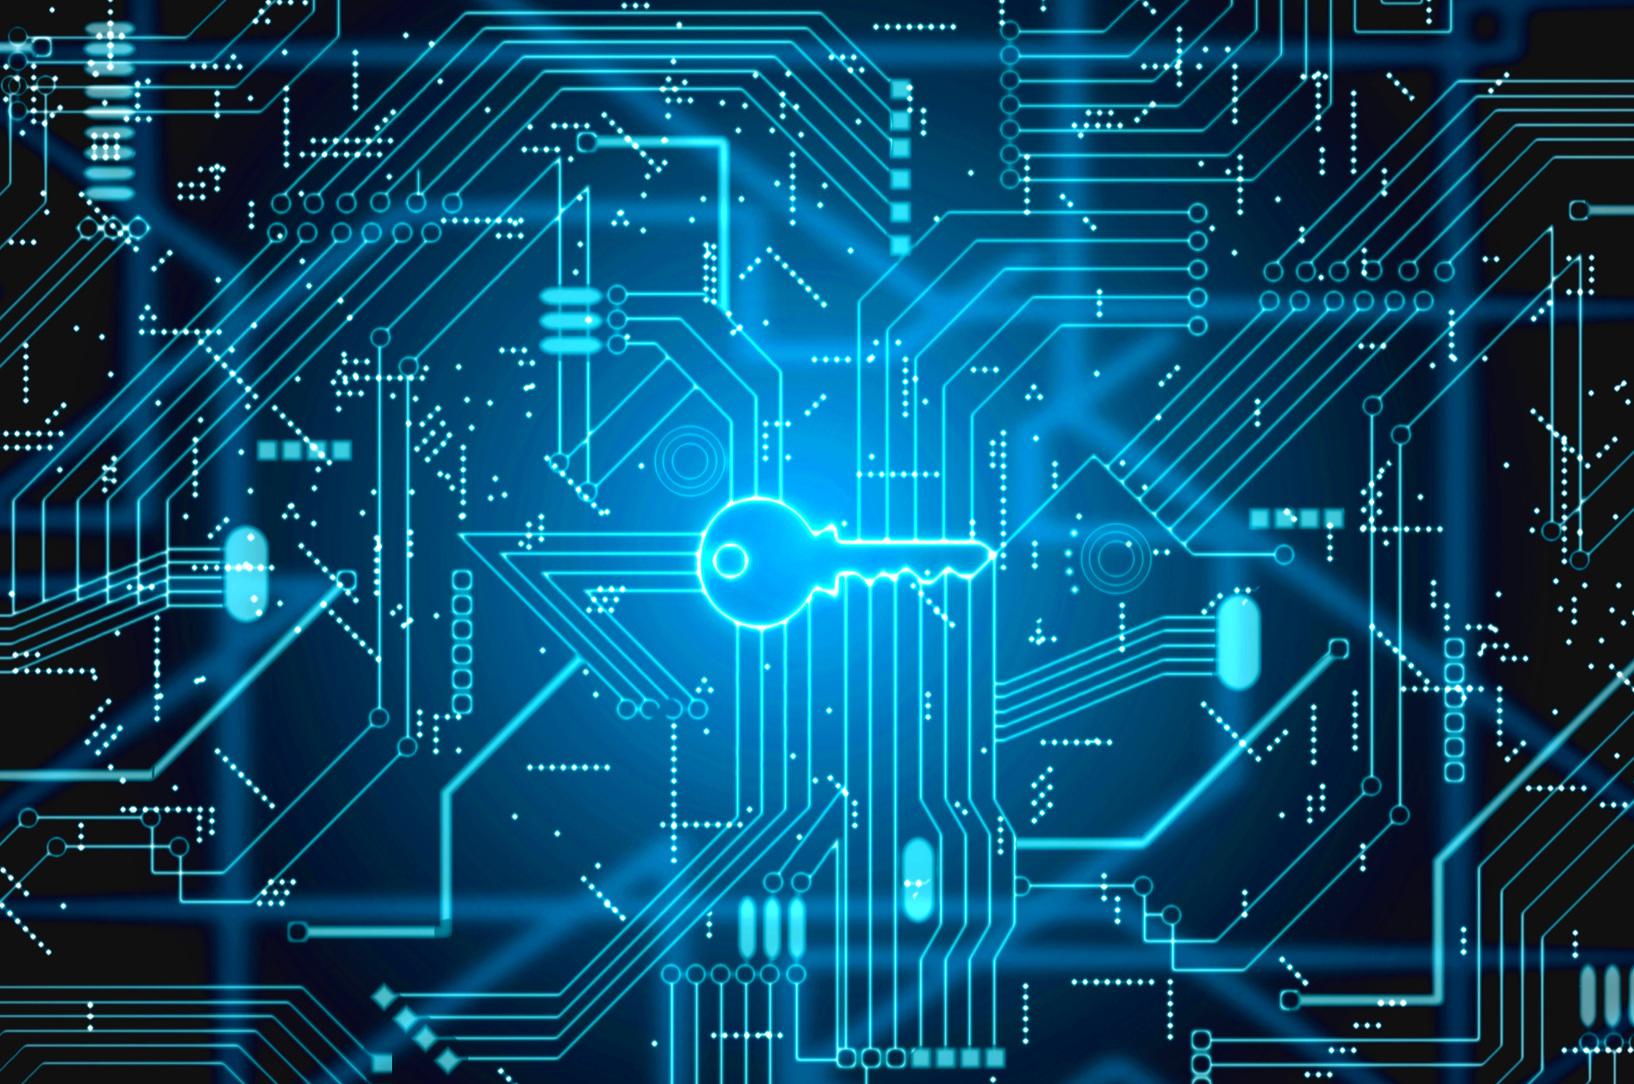 Droit des nouvelles technologies — protection des données personnelles - Fort de son expérience en la matière, le cabinet Alexis Deroudille a développé une compétence de pointe en droit des nouvelles technologies et de la protection des données personnelles, en particulier dans le domaine de la conformité RGPD et e-privacy.